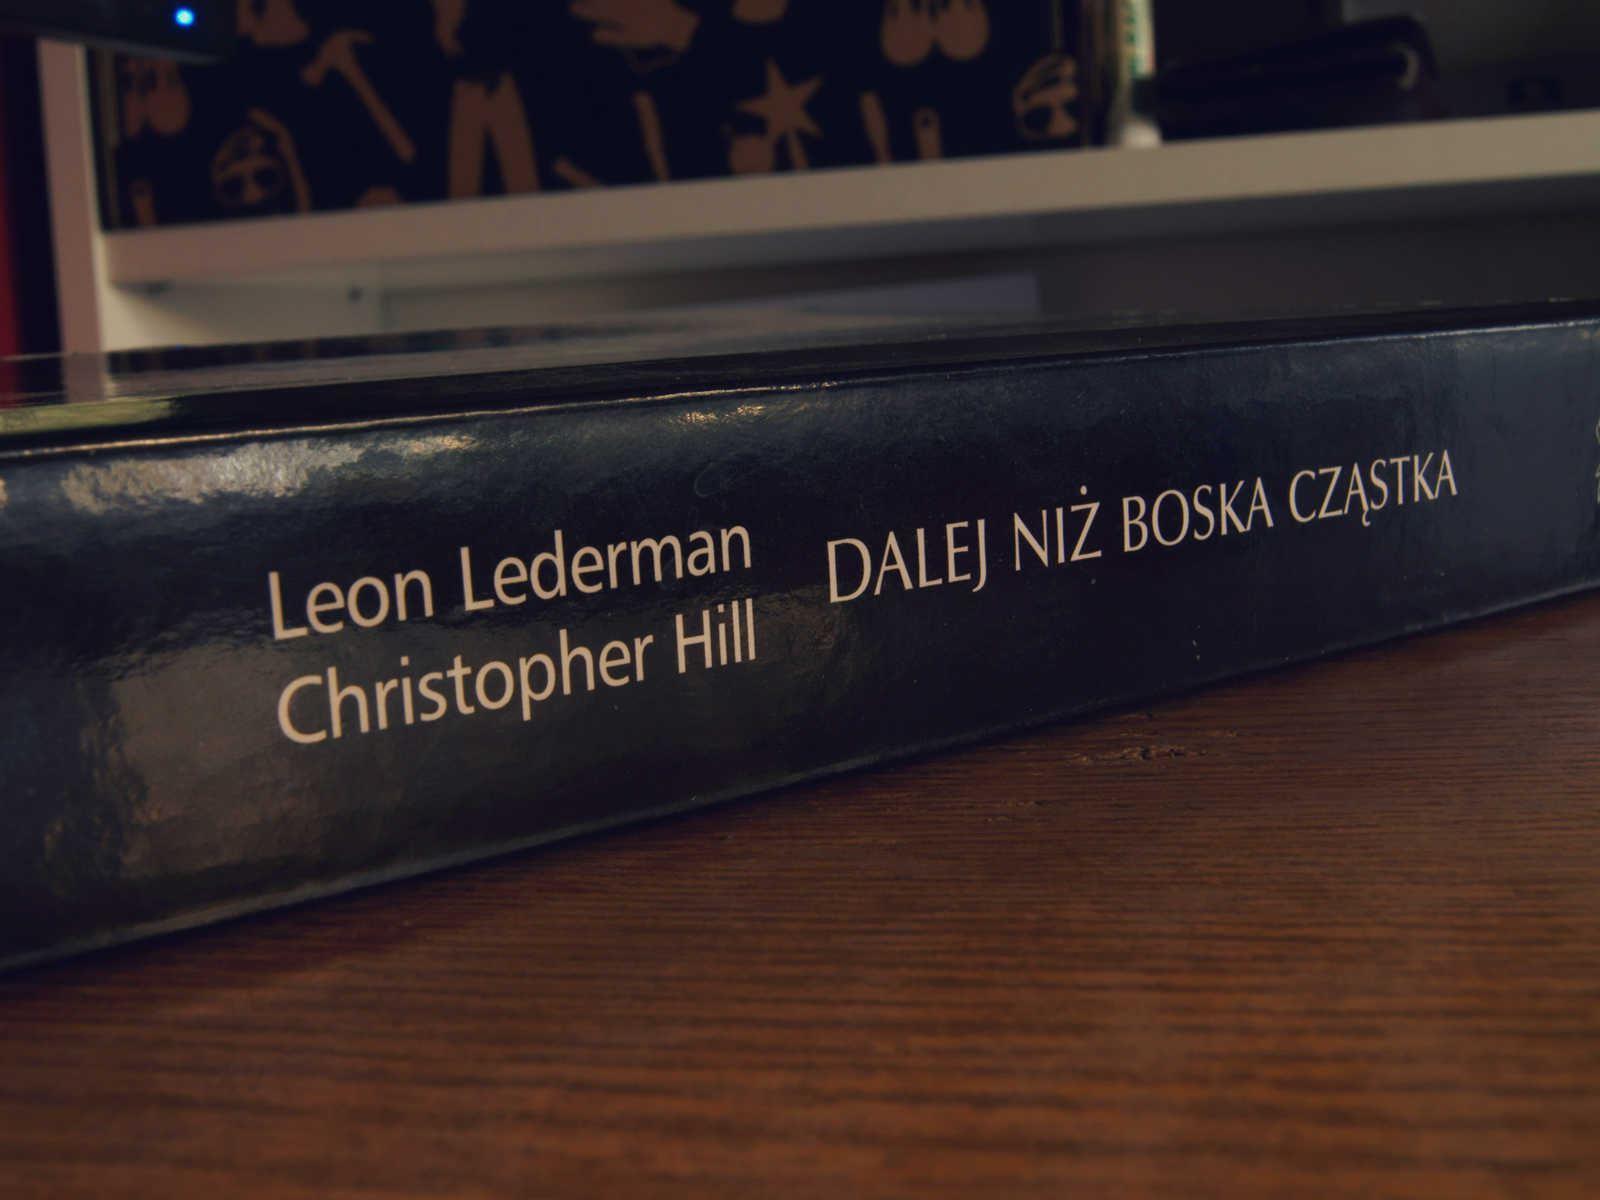 Od Tevatronu do LHC  – recenzja 'Dalej niż Boska Cząstka'